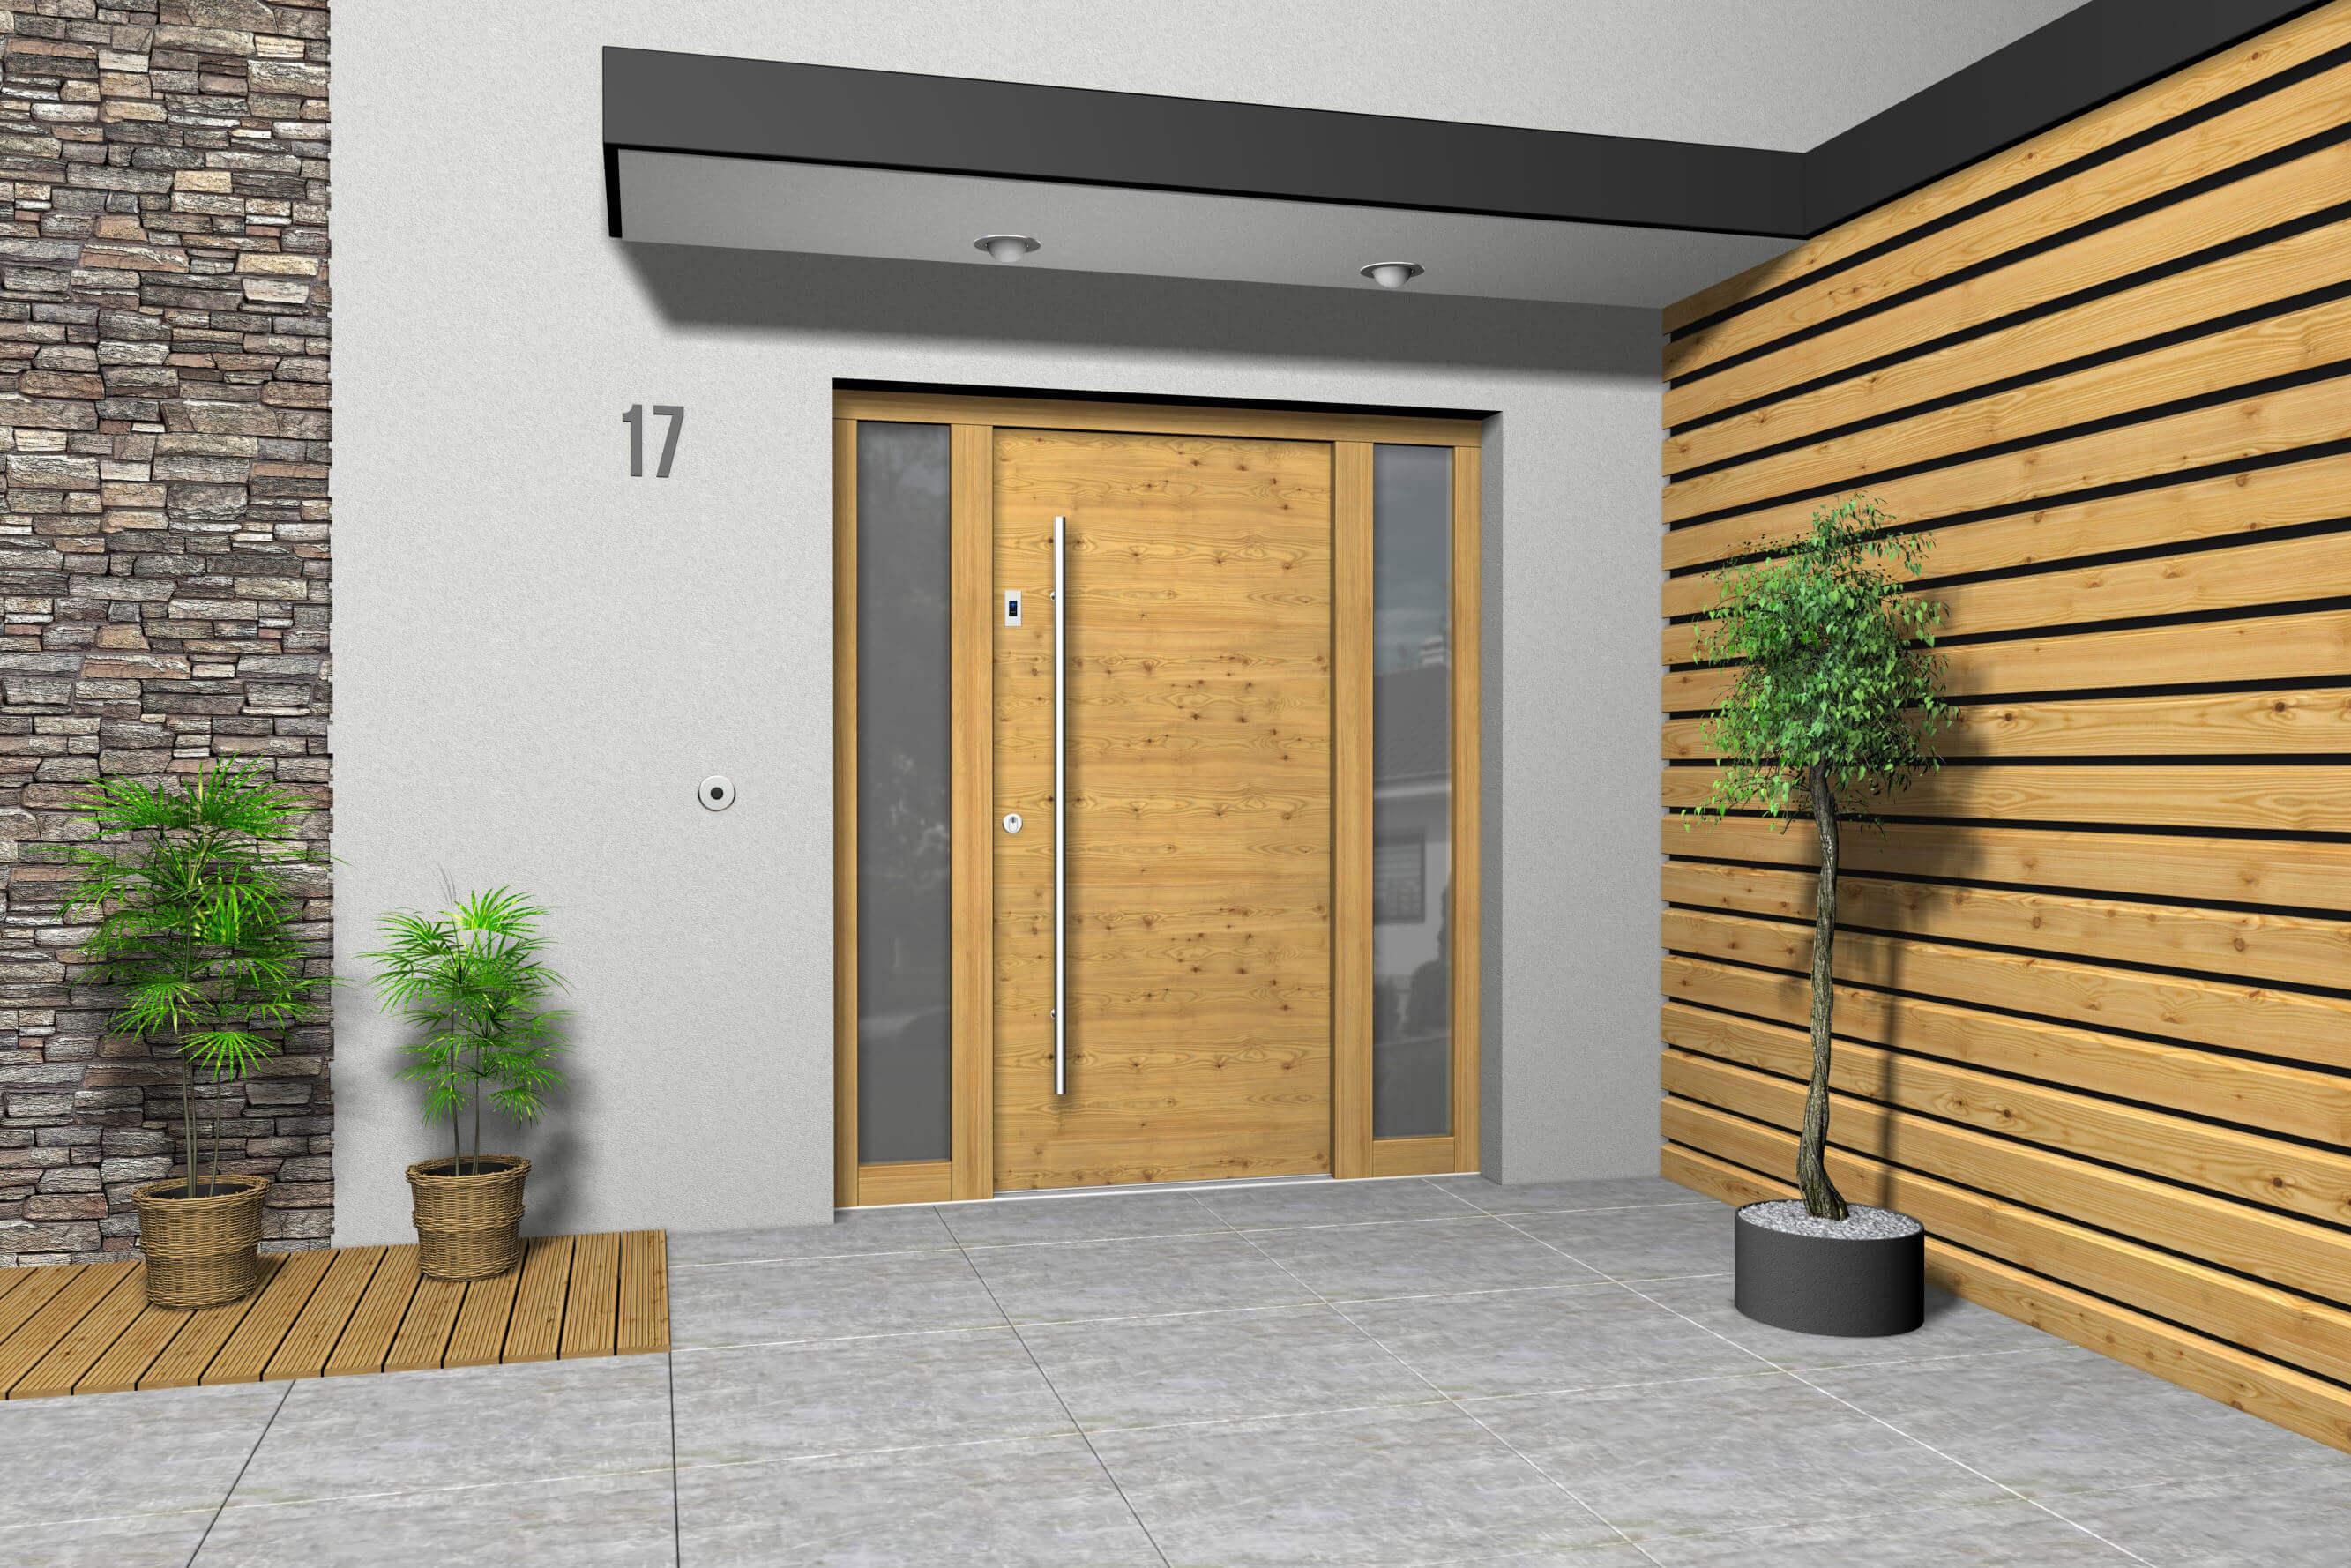 Haustüren holz mit seitenteil  Haustüren Holz Exclusiv - KS-Hausbau24